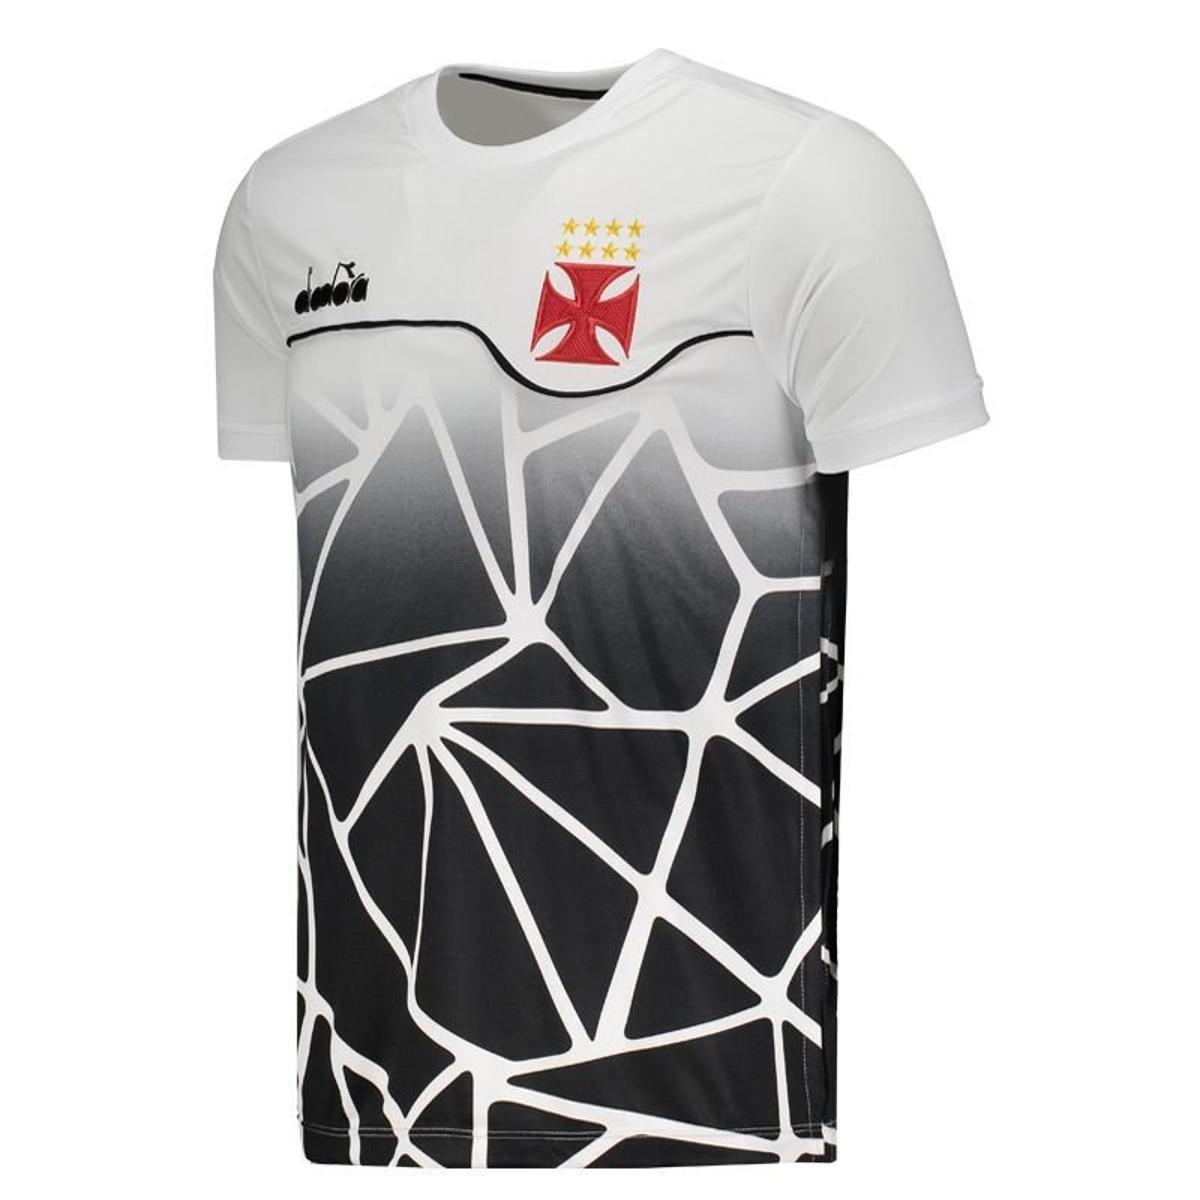 Camisa Diadora Vasco Concentração 2018 Masculina - Branco - Compre ... 856b9241fff11